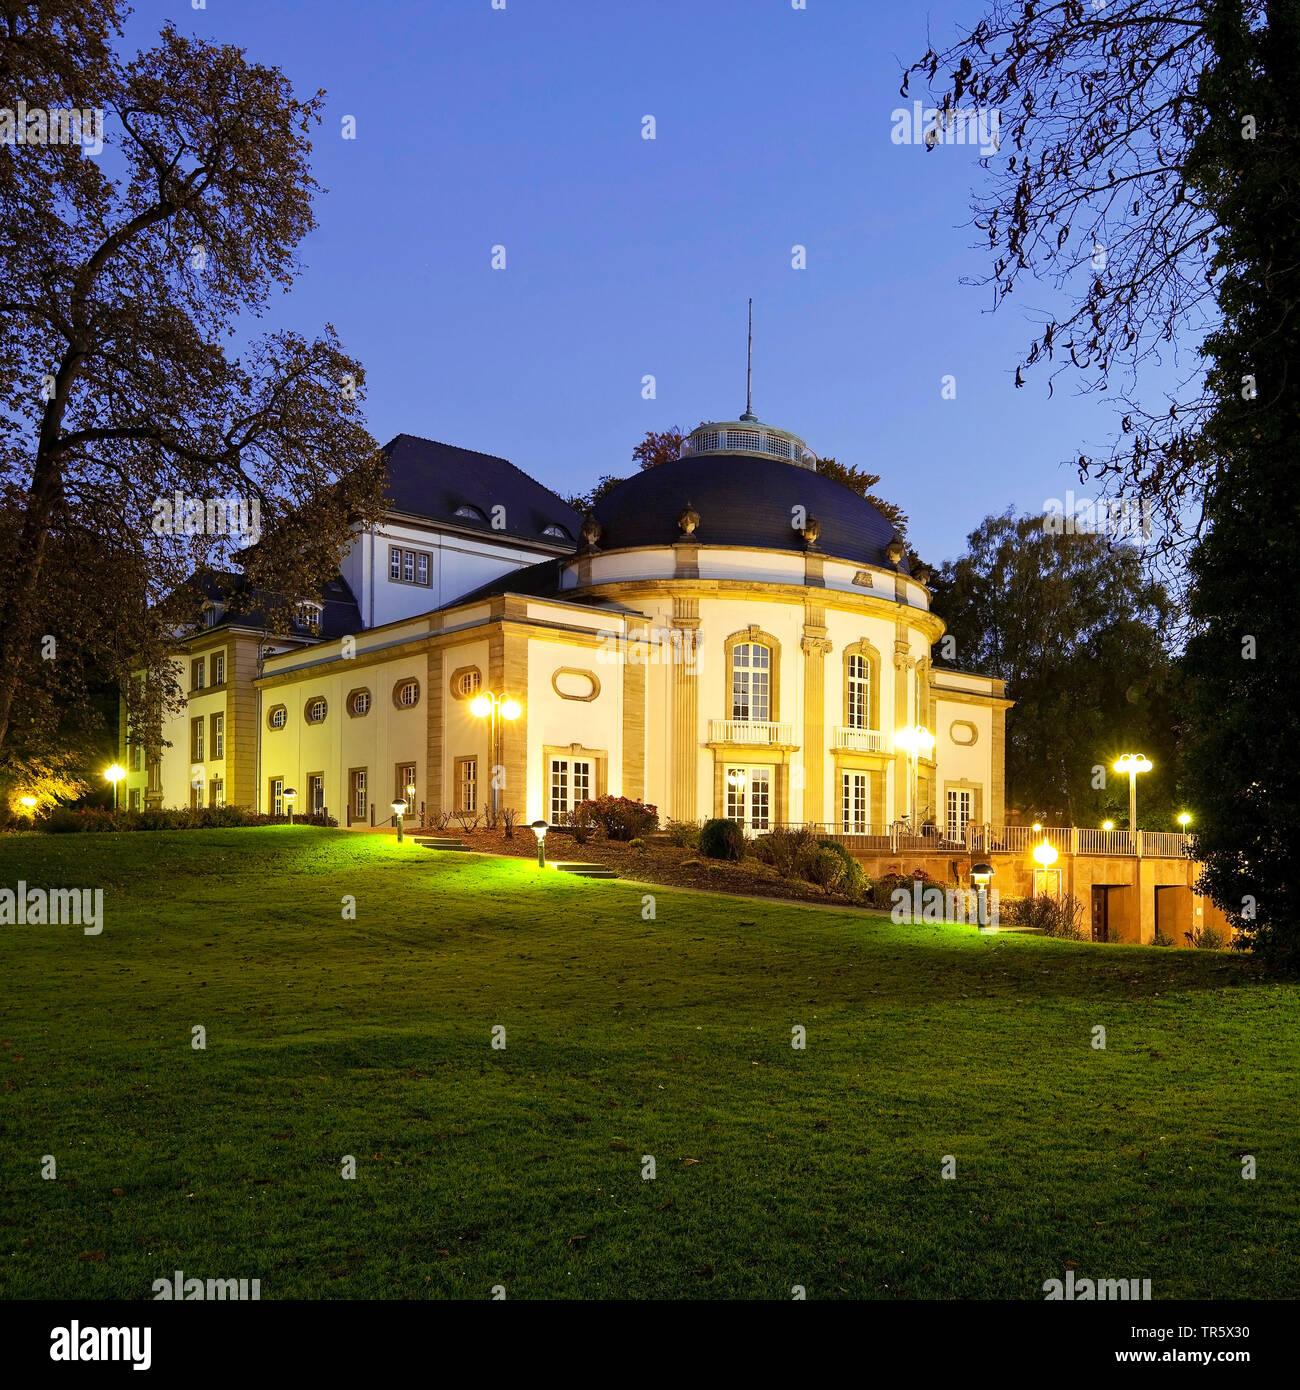 Beleuchtete Theater im Kurpark an der blauen Stunde, Deutschland, Nordrhein-Westfalen, Ostwestfalen, Bad Oeynhausen. Stockfoto